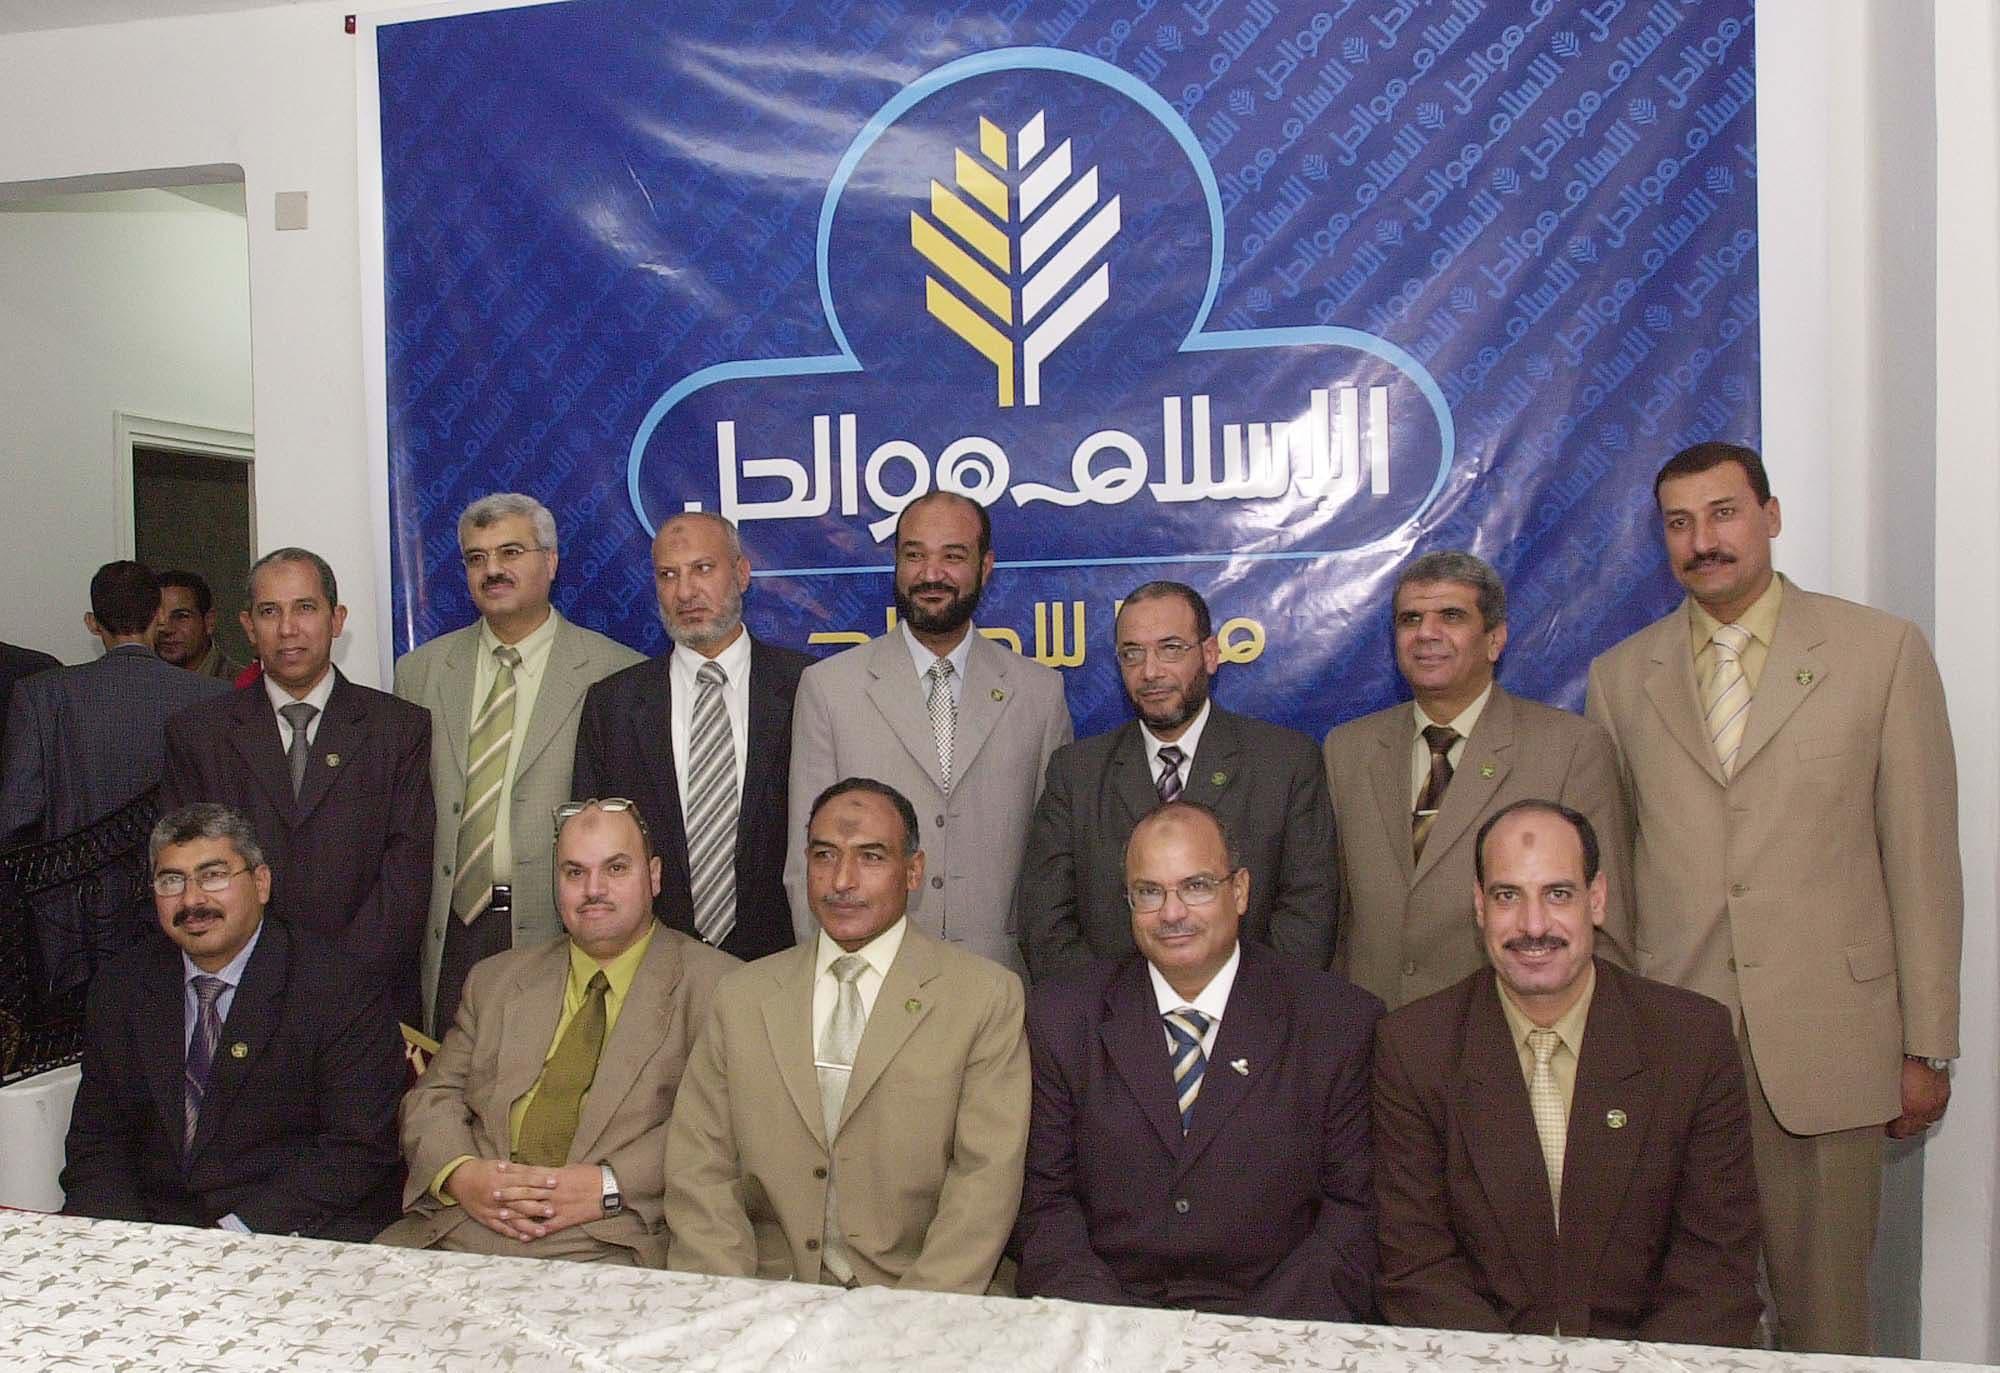 بعض قيادات الإخوان في الإسكندرية المترشحين لانتخابات 2005